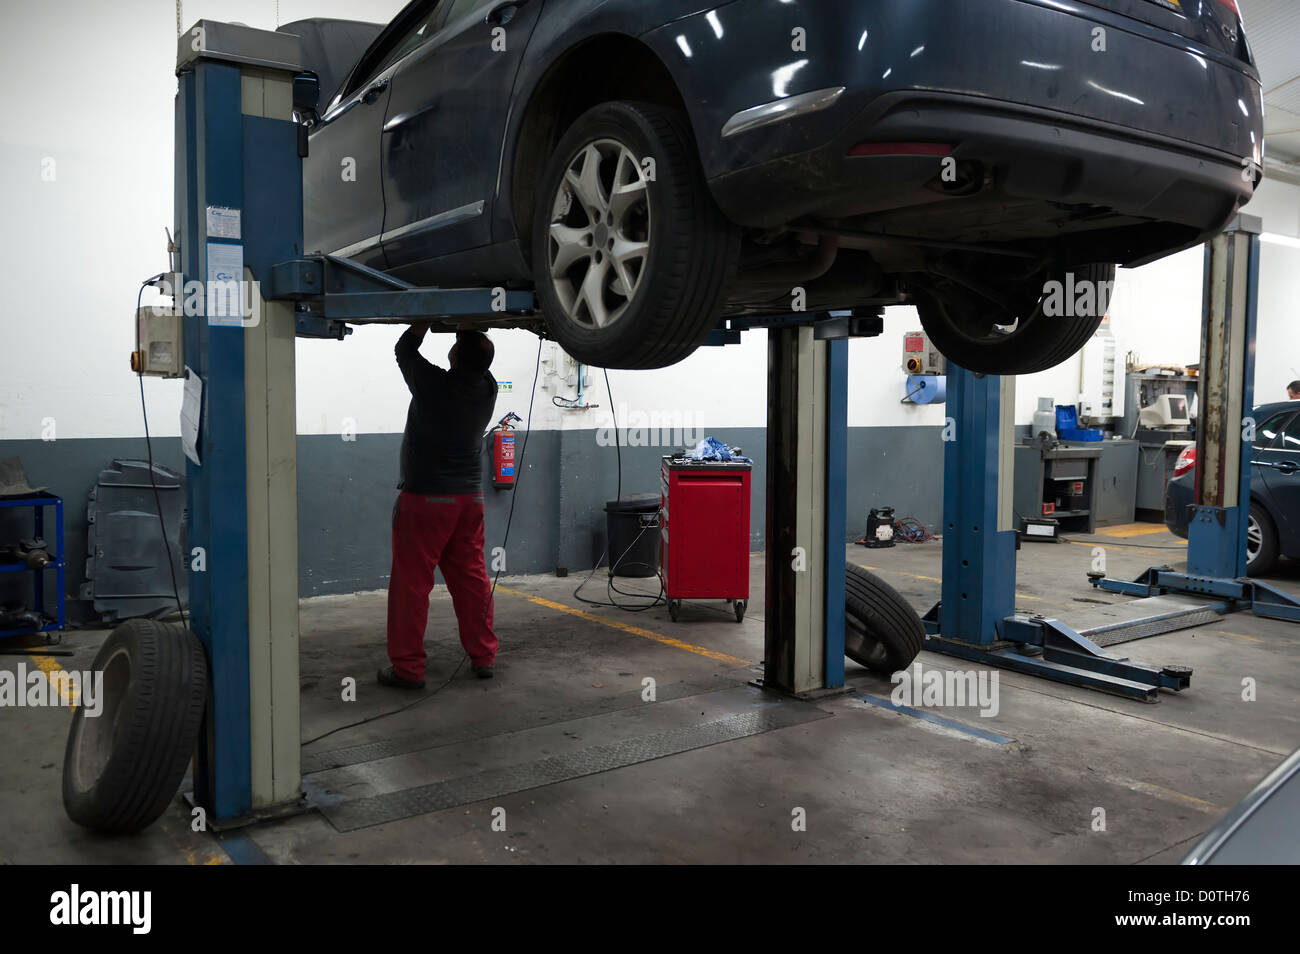 Kfz Mechaniker Uberpruft Ein Auto Auf Einer Hebebuhne Angehoben Stockfotografie Alamy